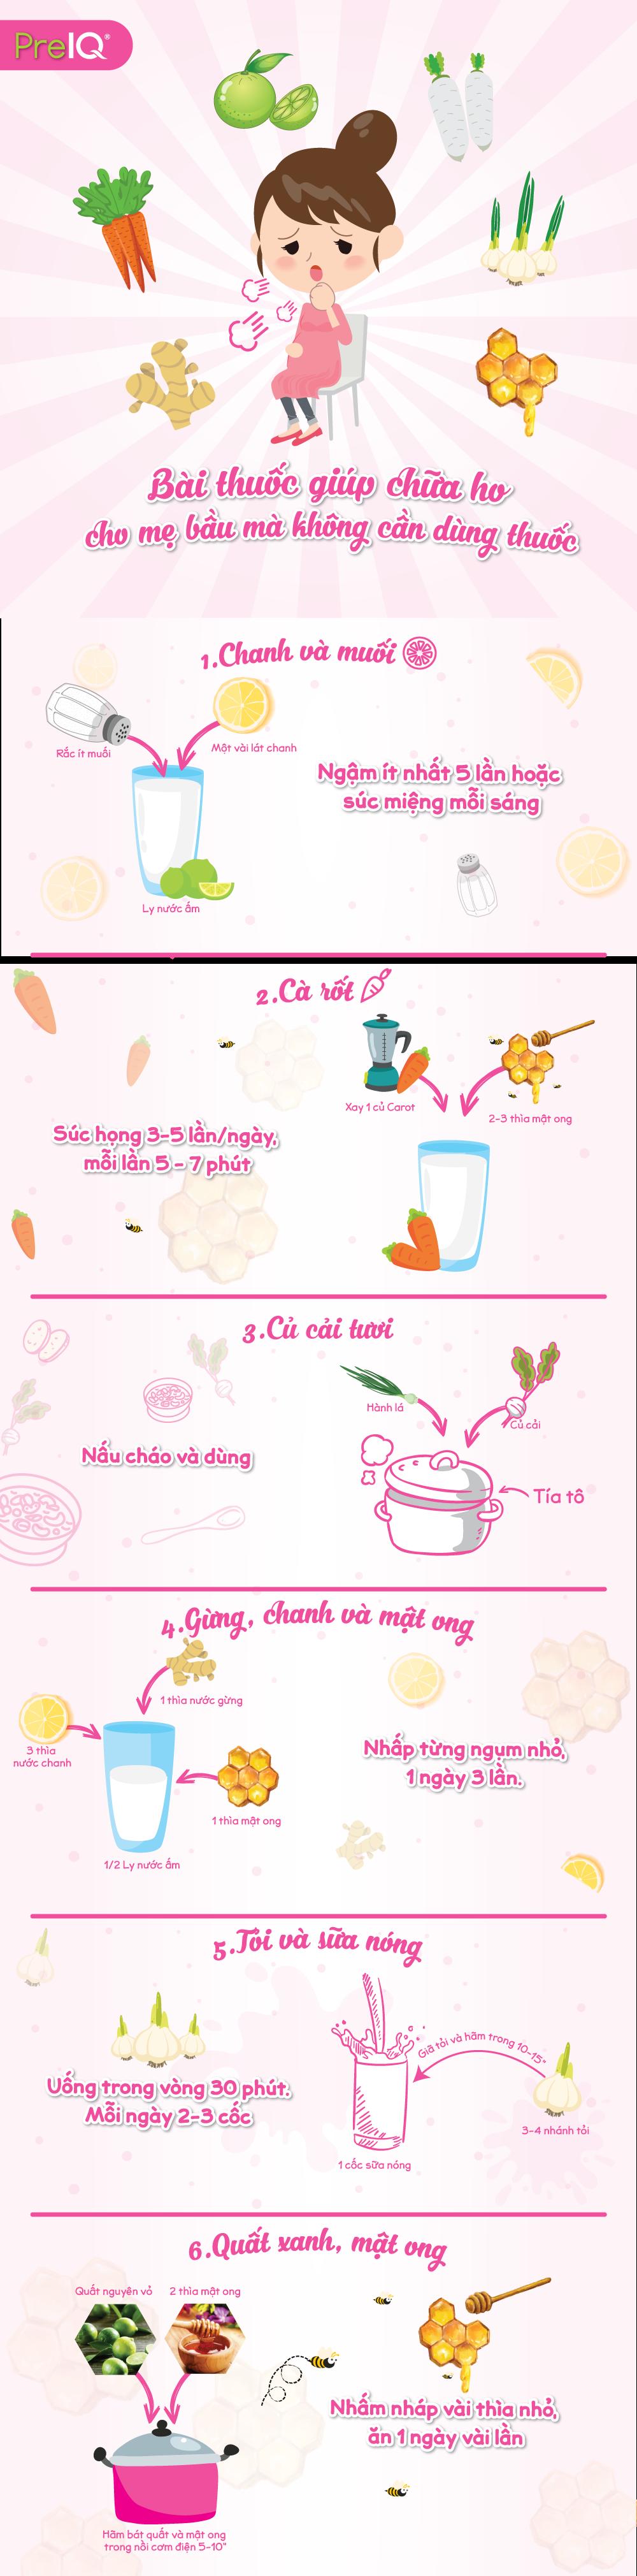 MD_DVD_PreIQ17_Infographic 04_v2.0